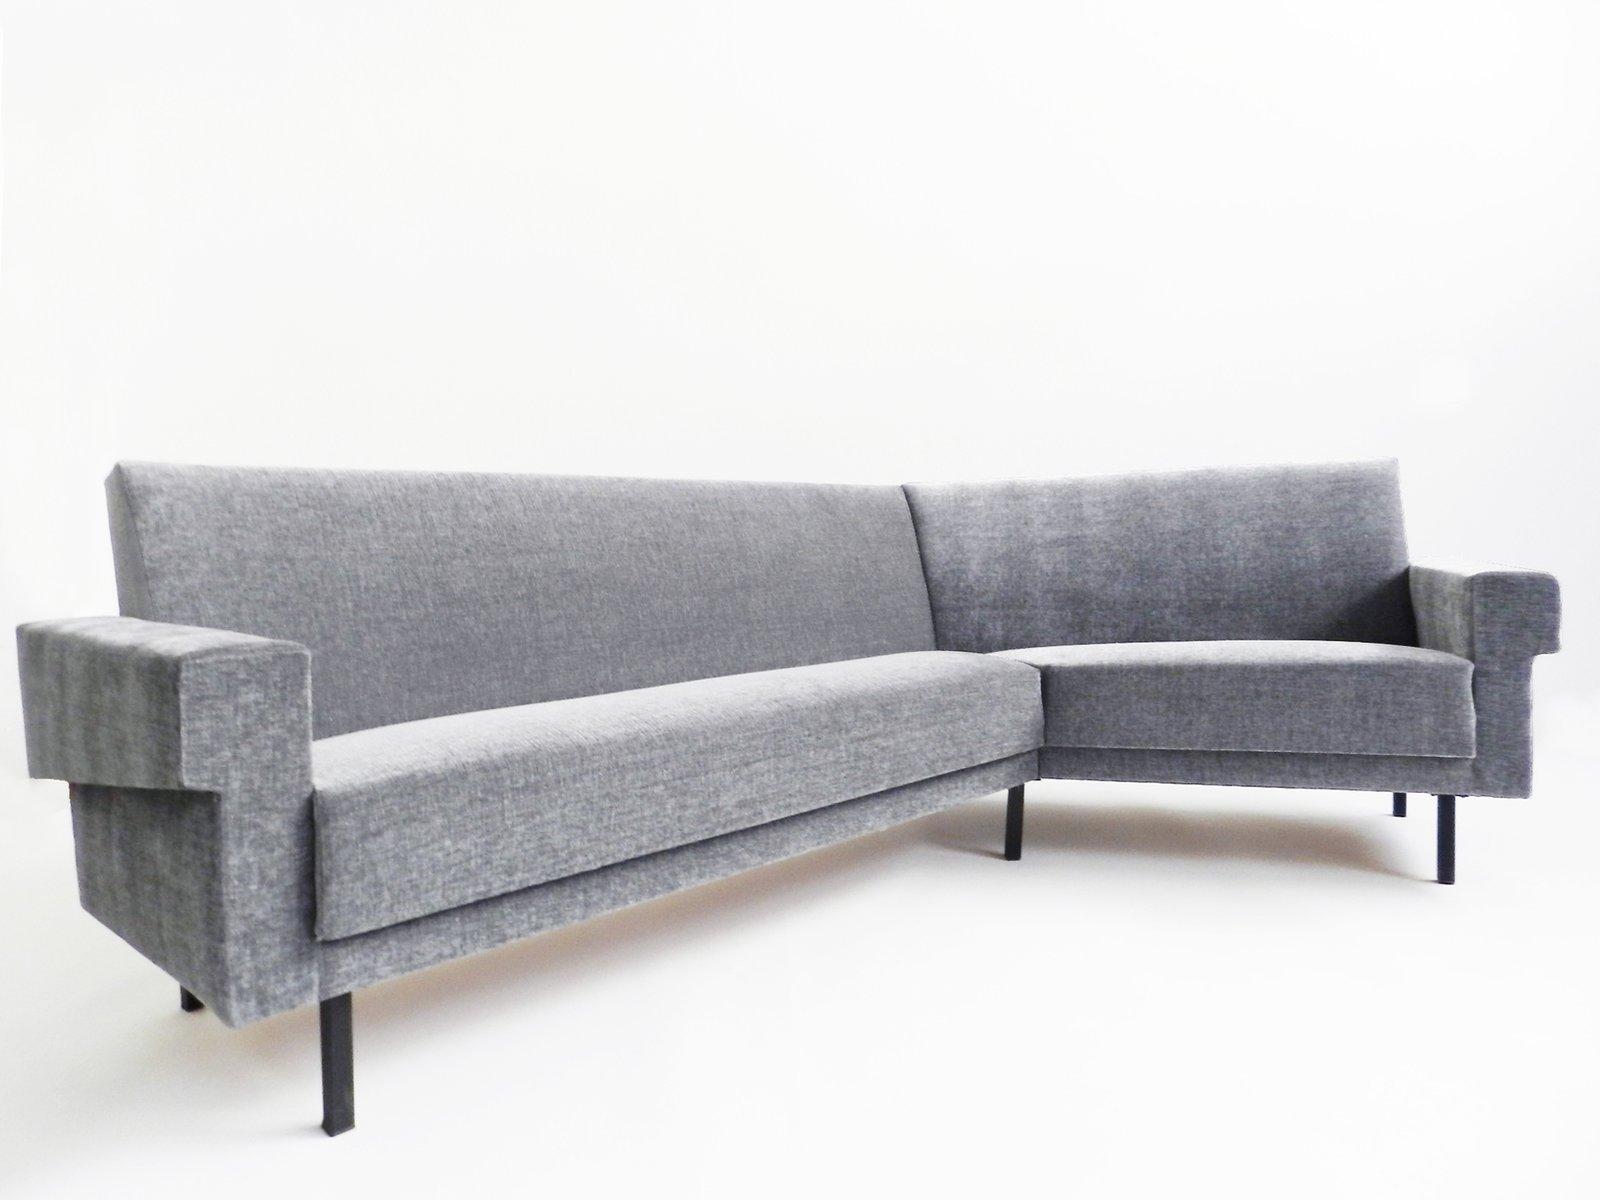 canap d 39 angle gris vintage en vente sur pamono. Black Bedroom Furniture Sets. Home Design Ideas